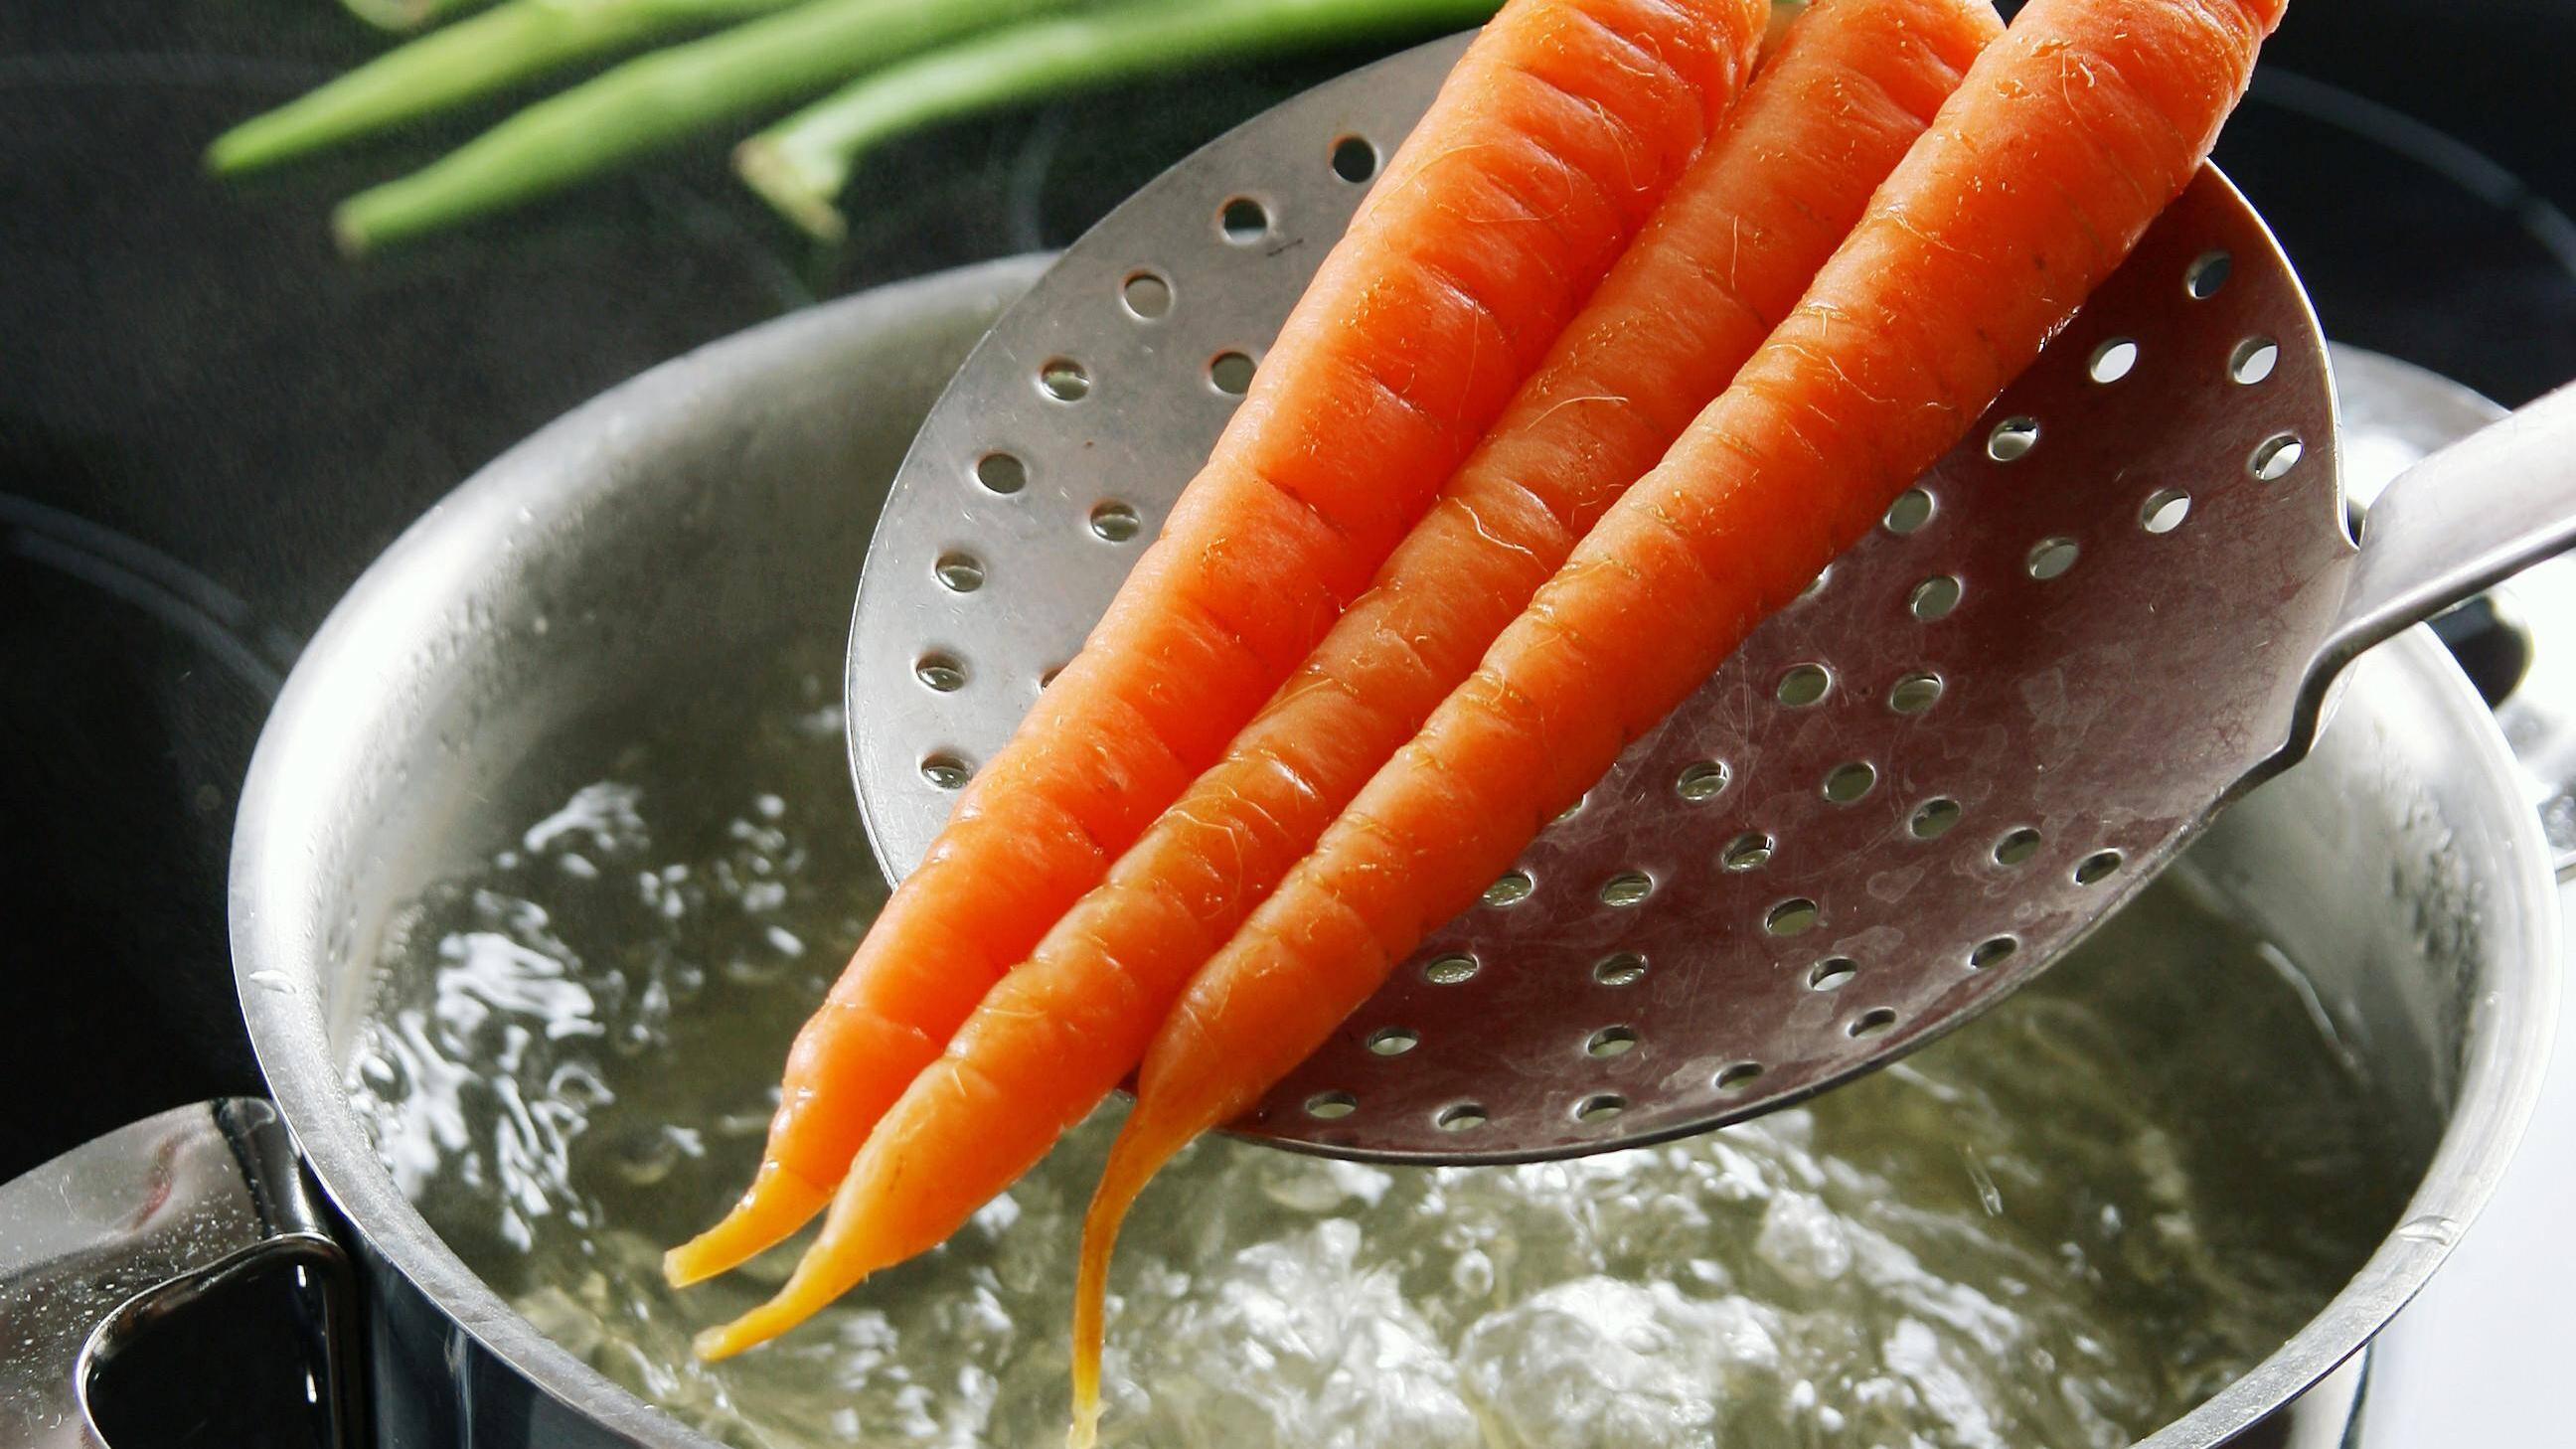 Blanchieren Sie Ihre Karotten, damit alle in den Karotten enthaltenden Nährstoffe nicht verloren gehen.